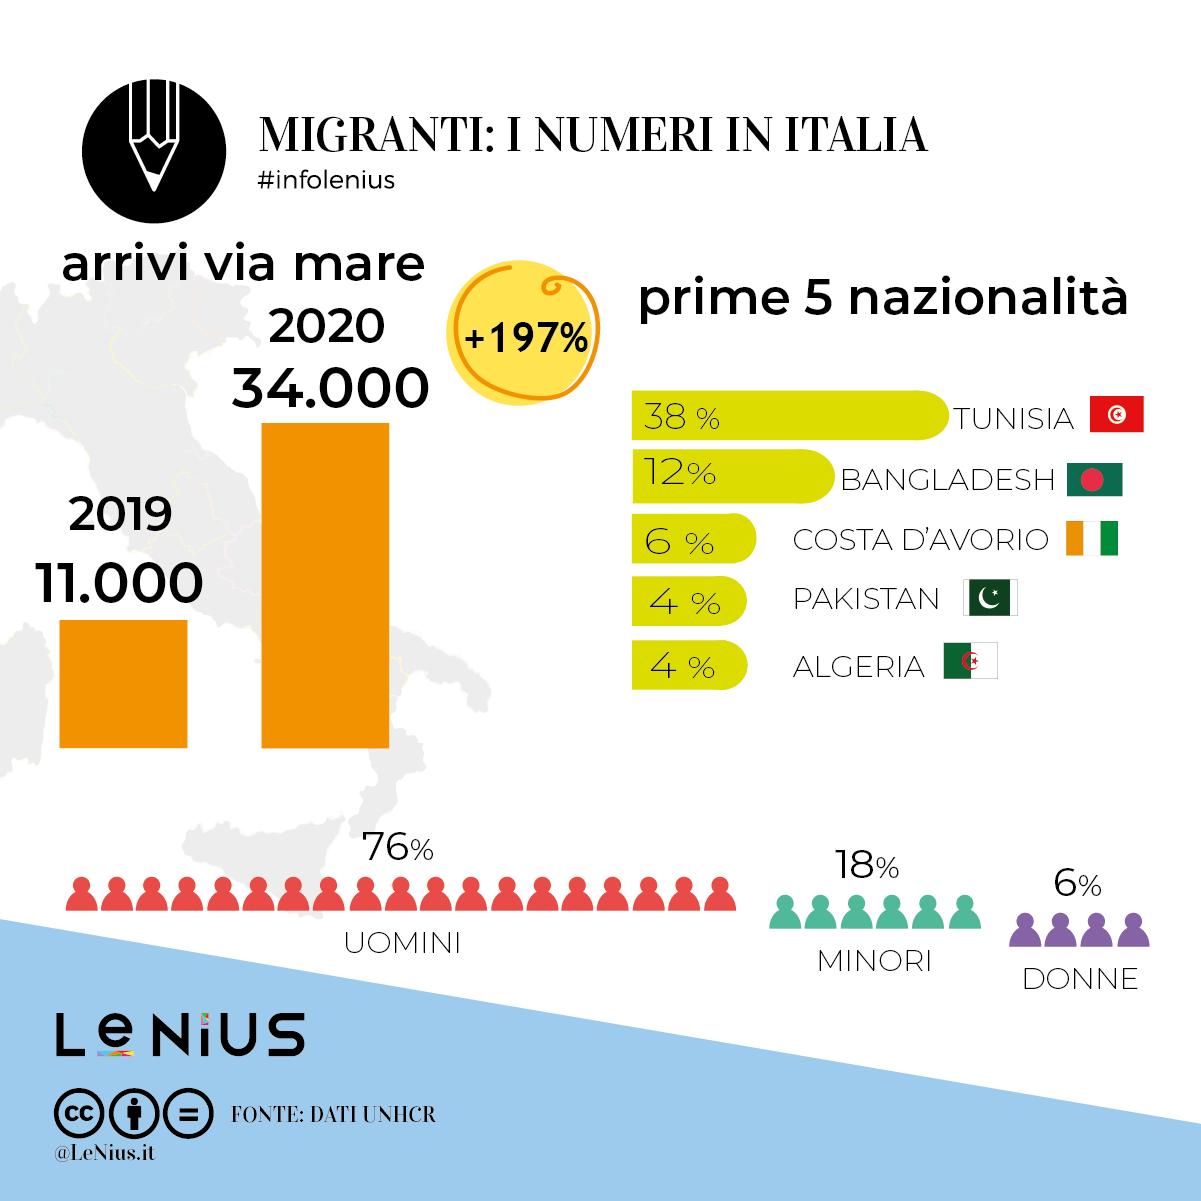 arrivi 2020 in italia